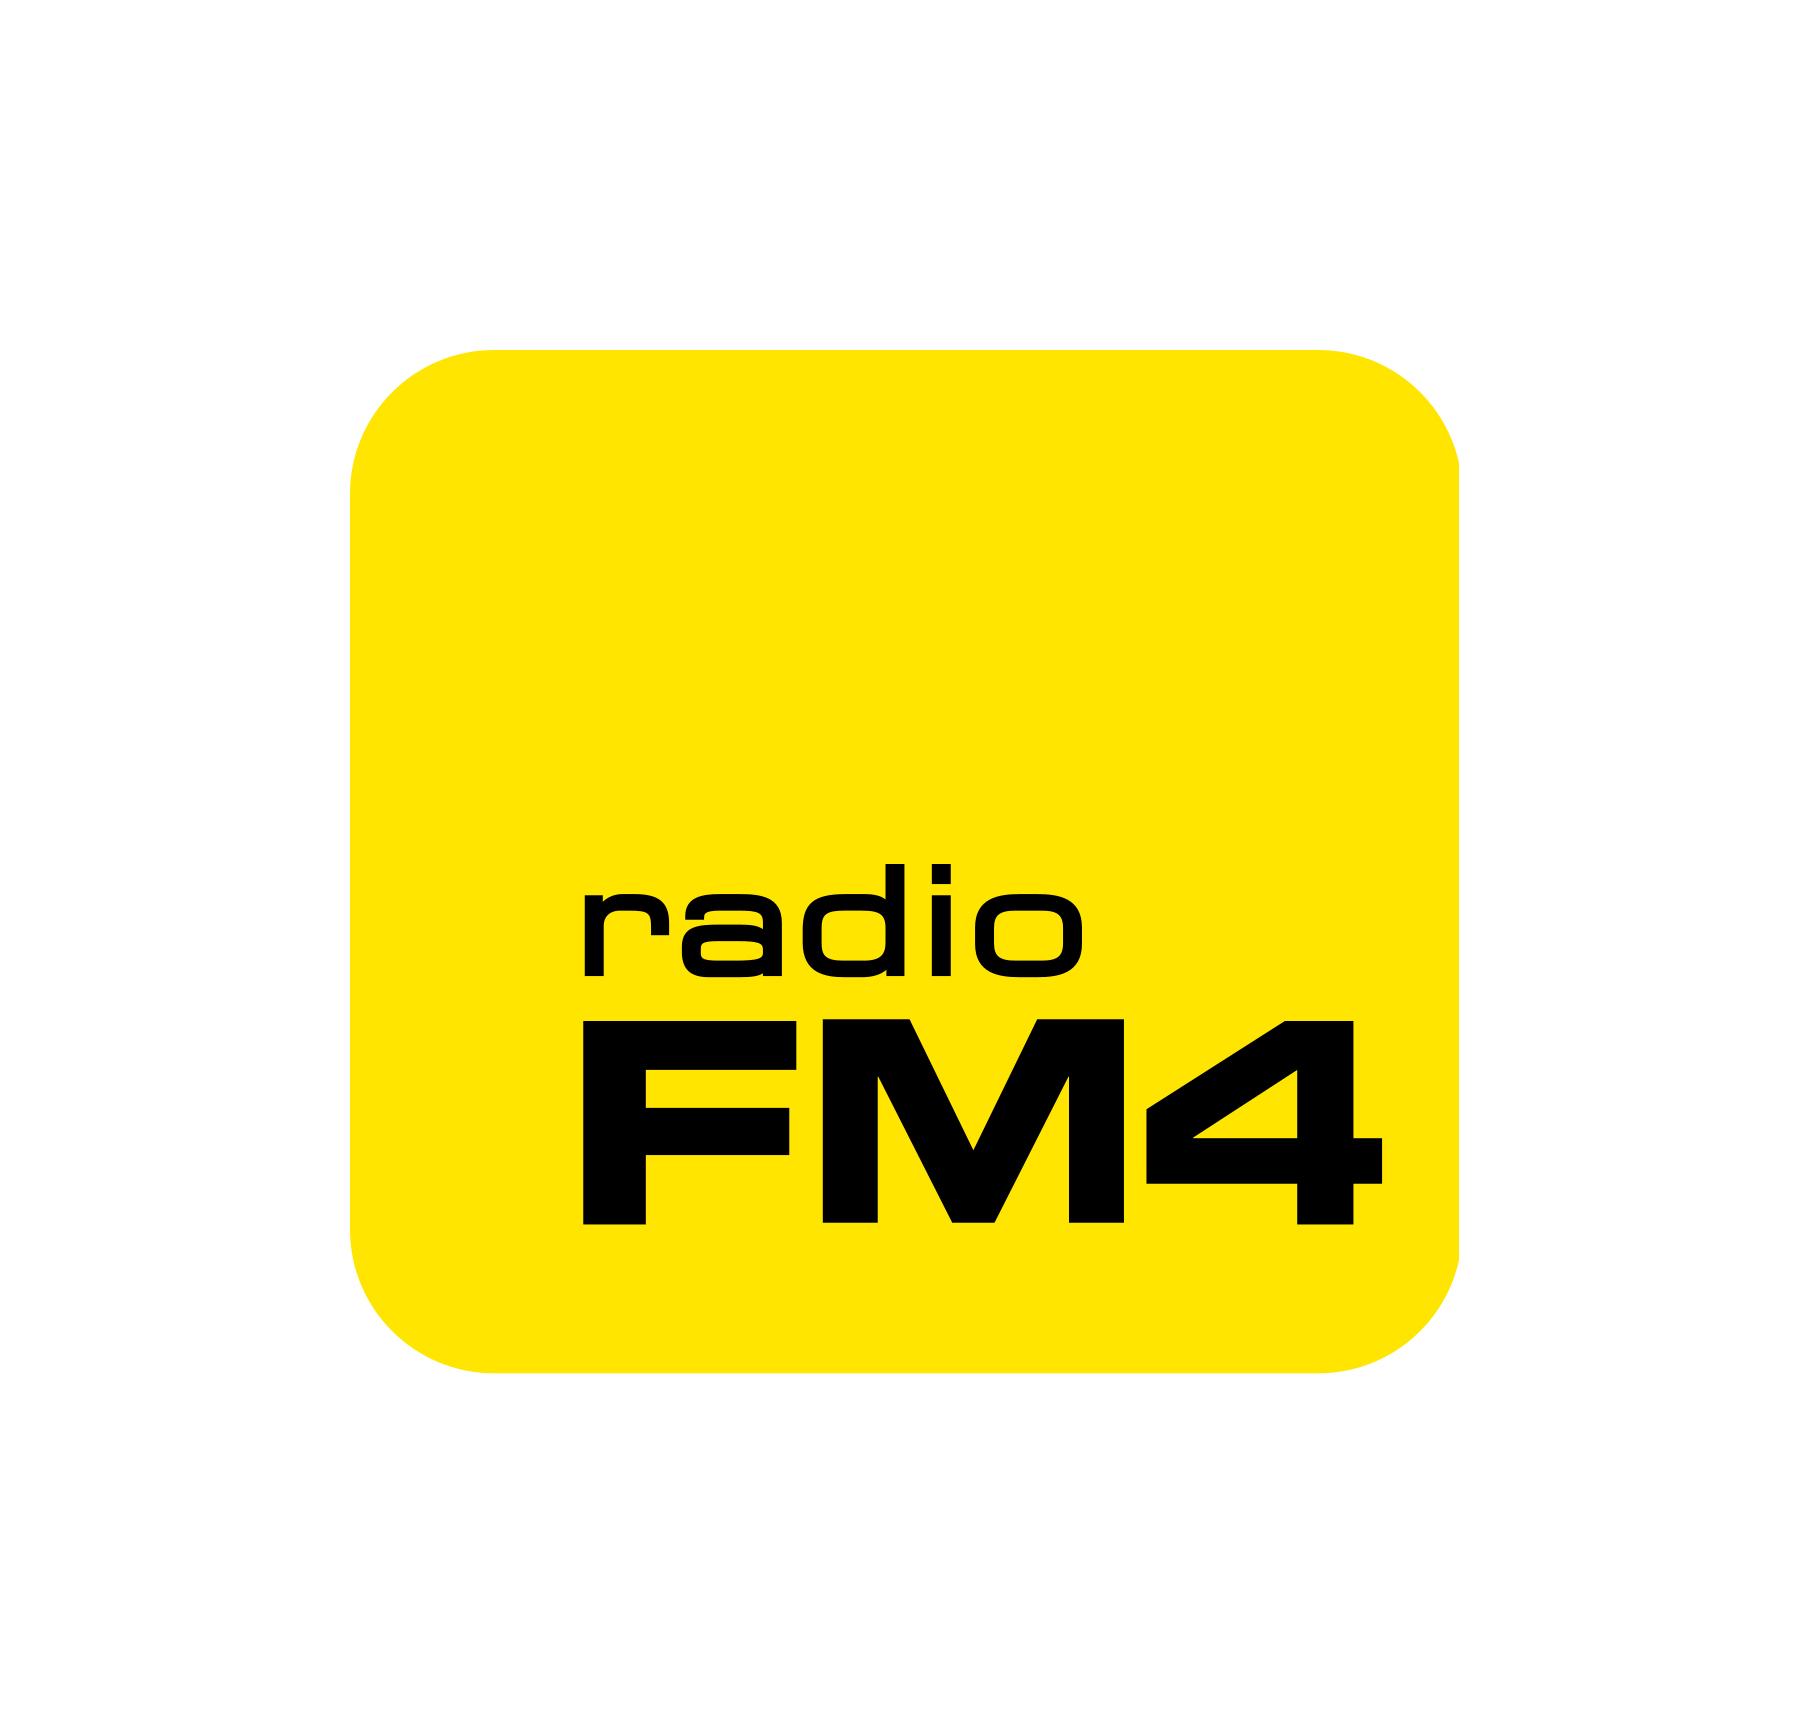 Logo FM4